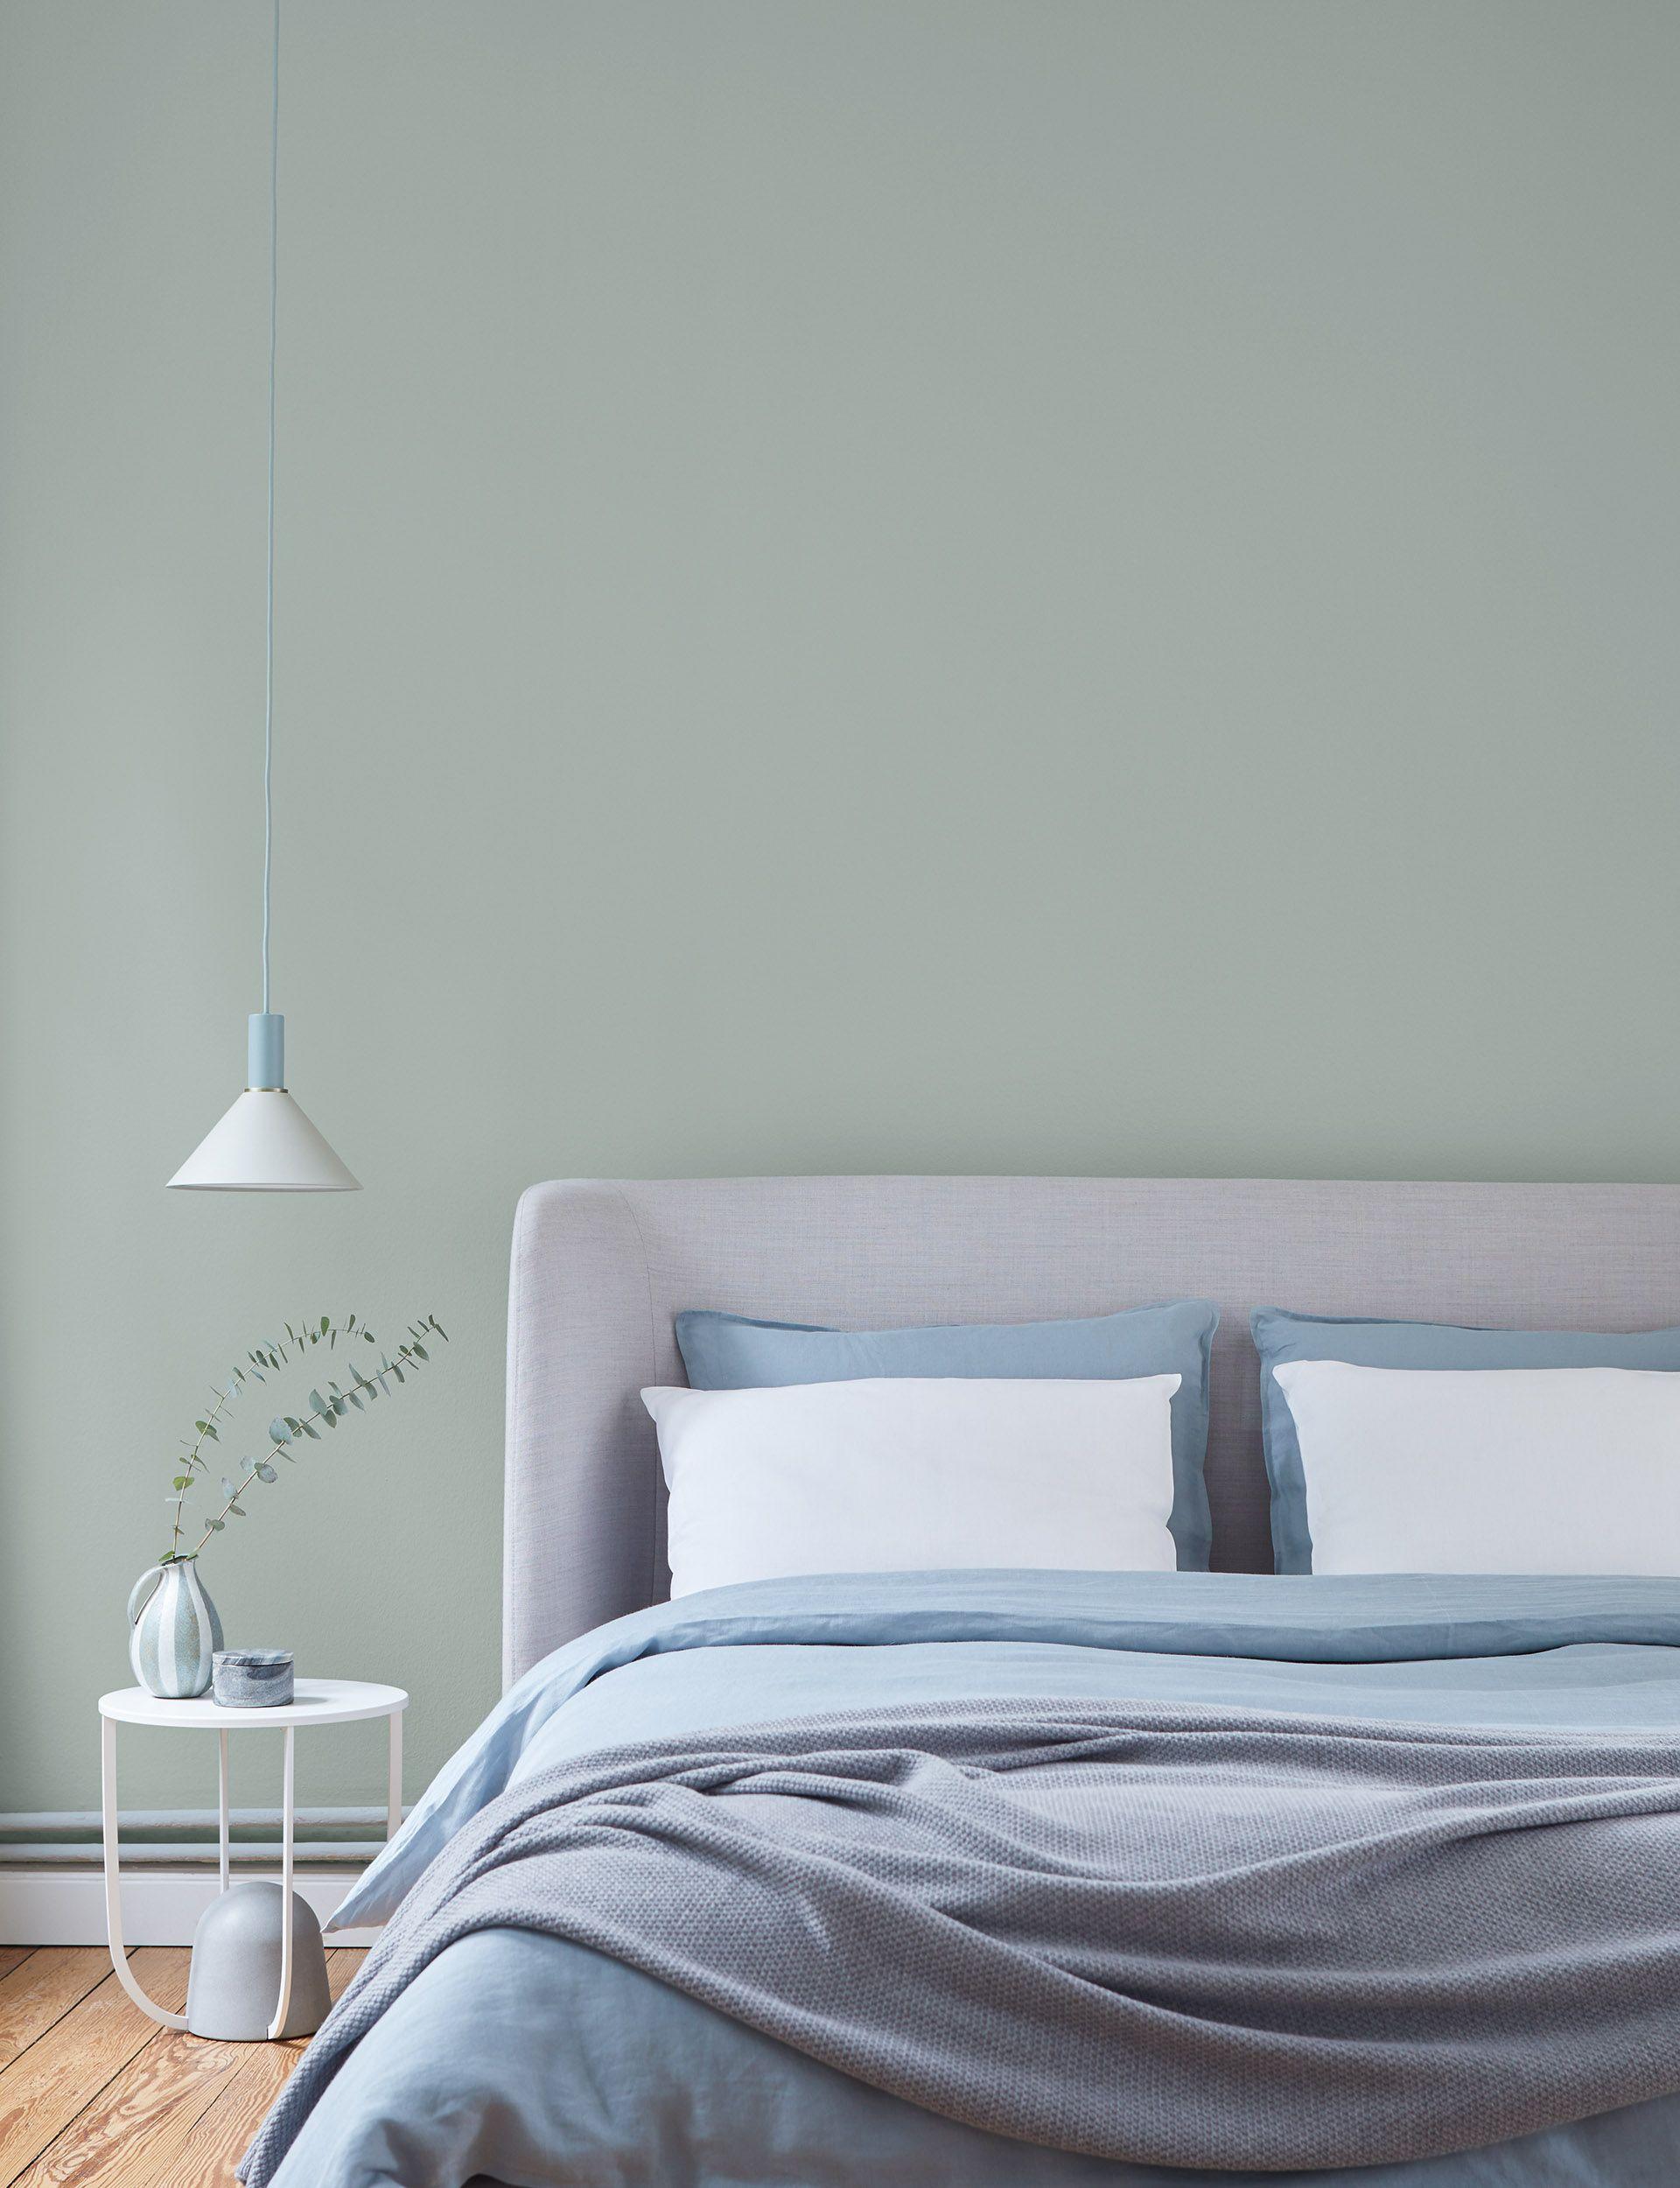 Modern Einrichten: Alpina Feine Farben – Sanfter Morgentau| Grau-grüne Salbei Wandfarbe #alpinafeinefarben